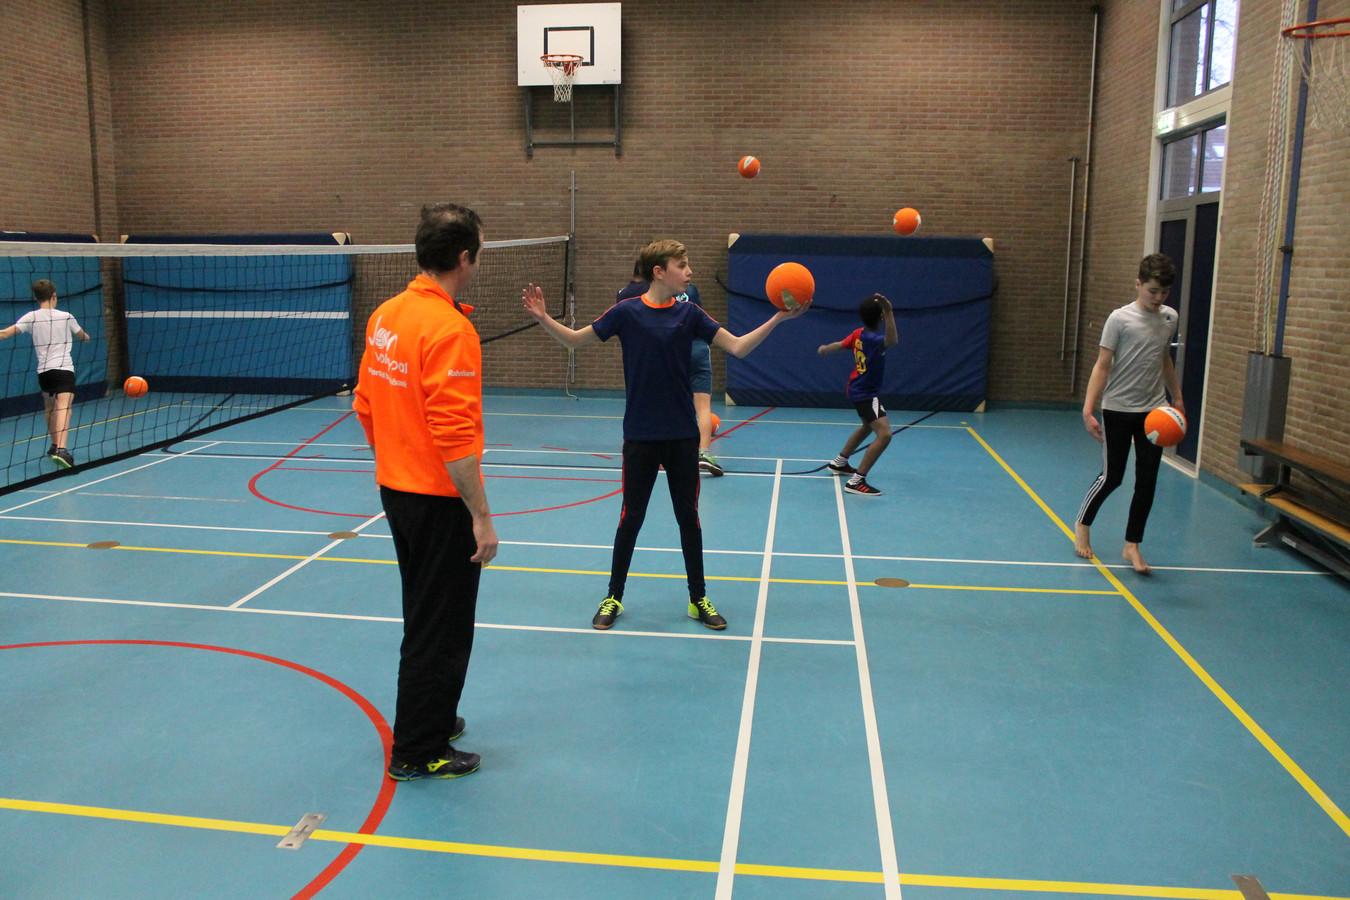 Beeld van de volleybalclinic bij Het Assink lyceum in Eibergen